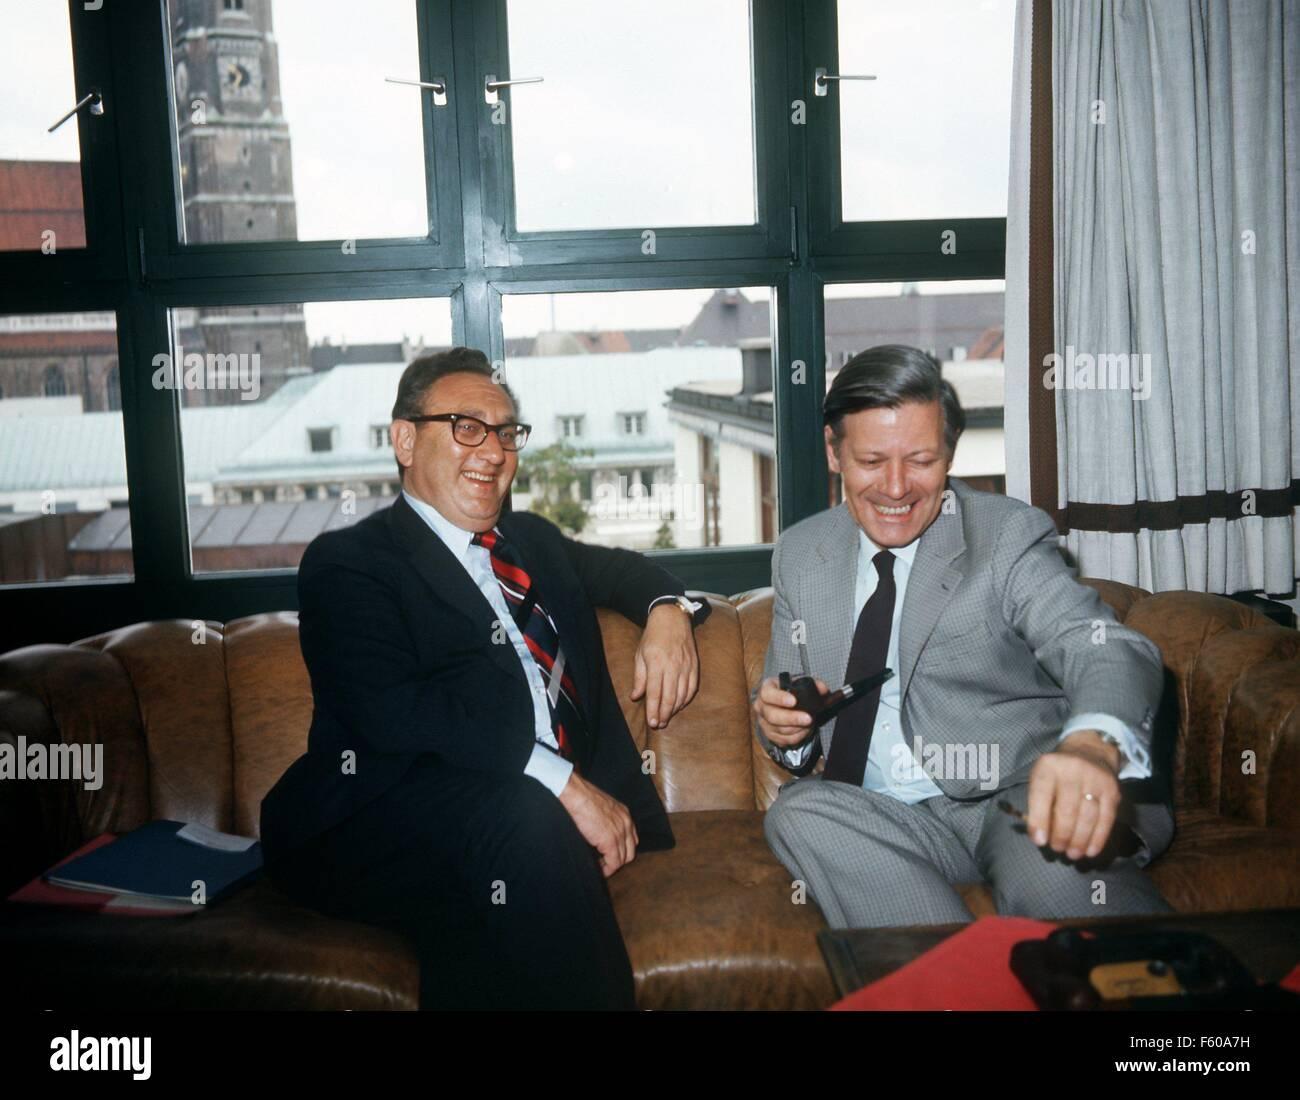 Henry Kissinger in einem Gespräch mit Bundeskanzler Helmut Schmidt (R, SPD) in München im Jahre 1974. Stockfoto